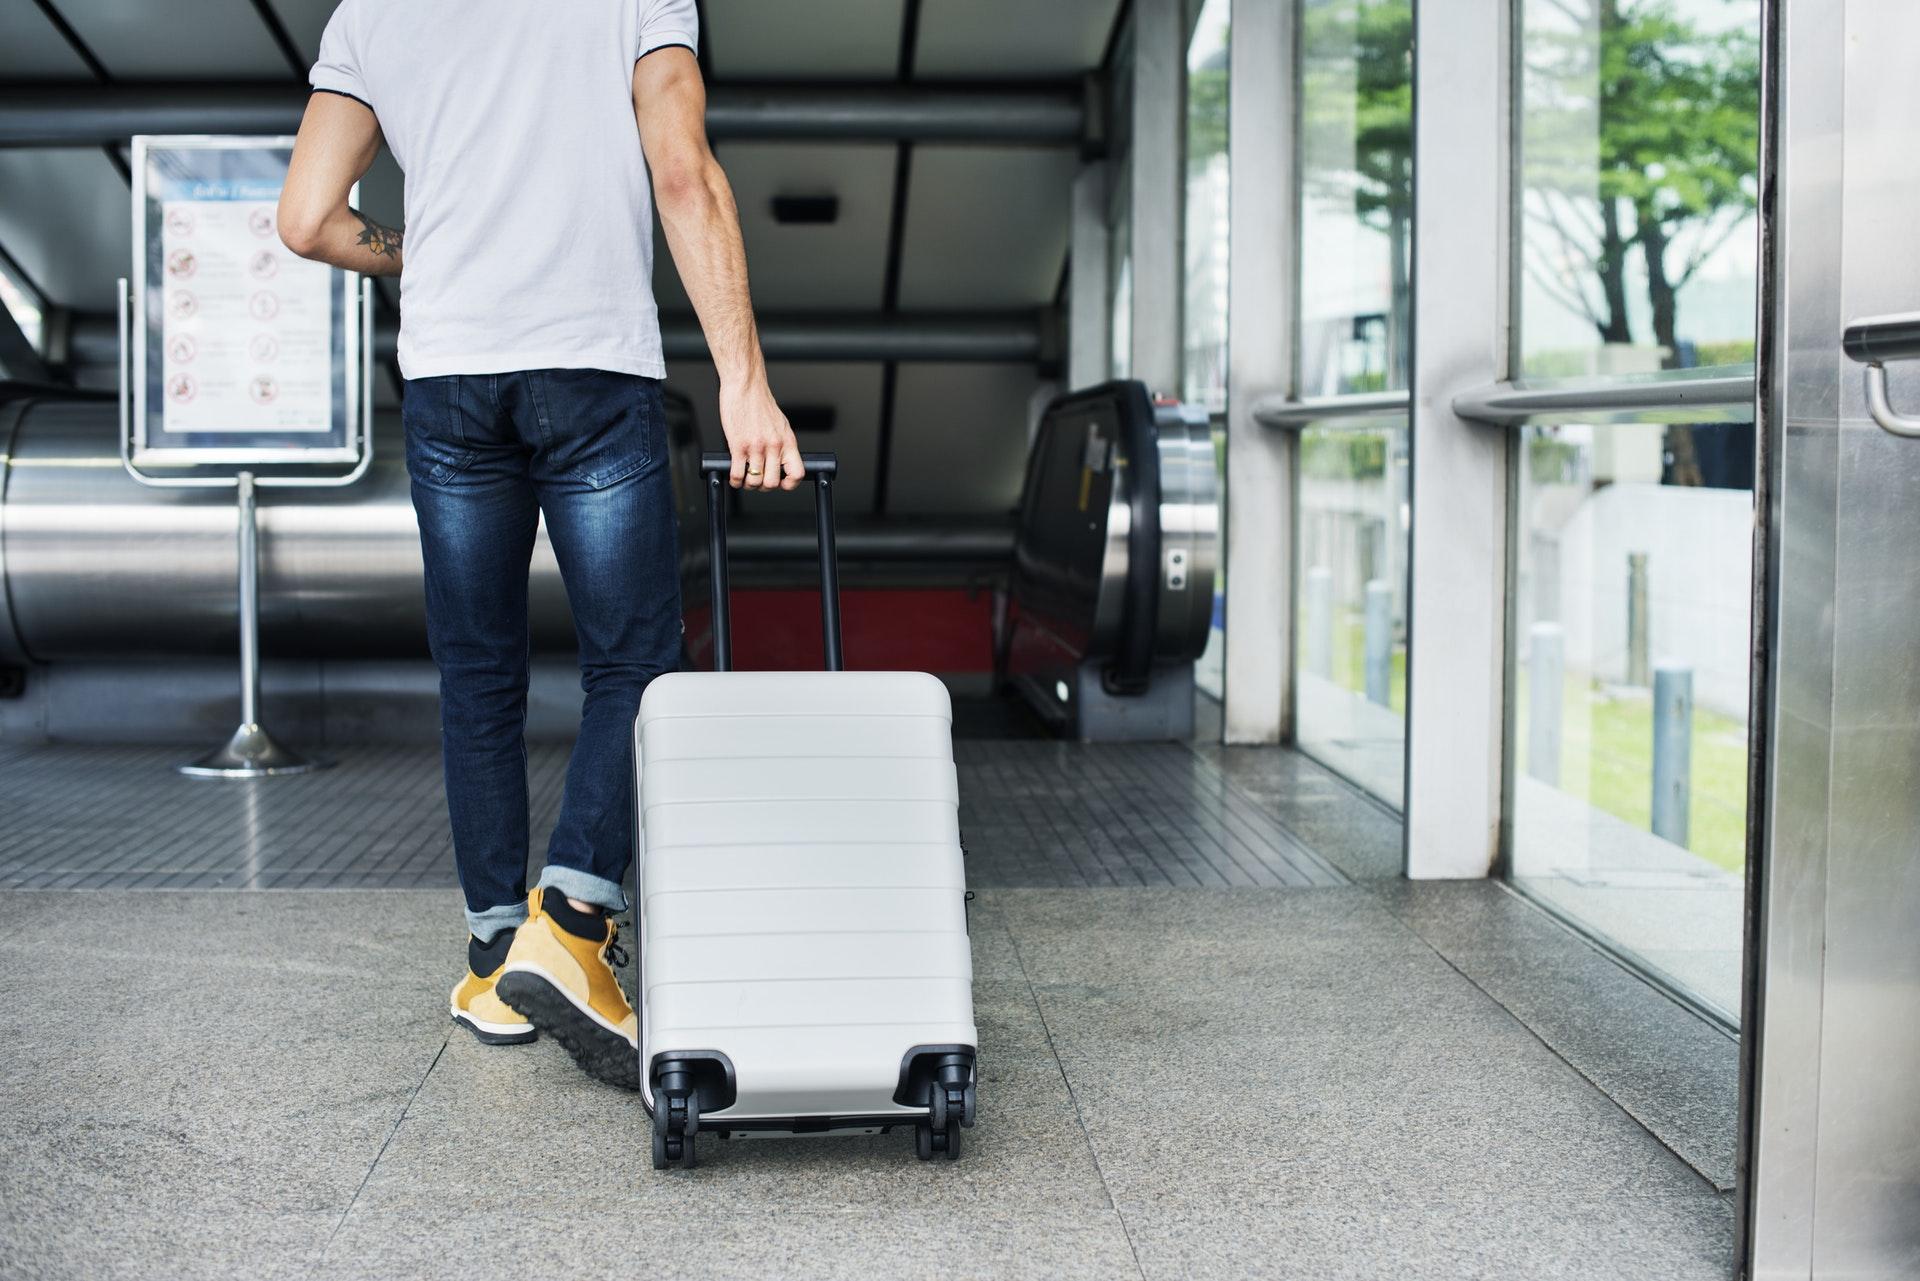 Αυξήθηκε η κίνηση στα Ελληνικά αεροδρόμια τον Δεκέμβριο του 2018